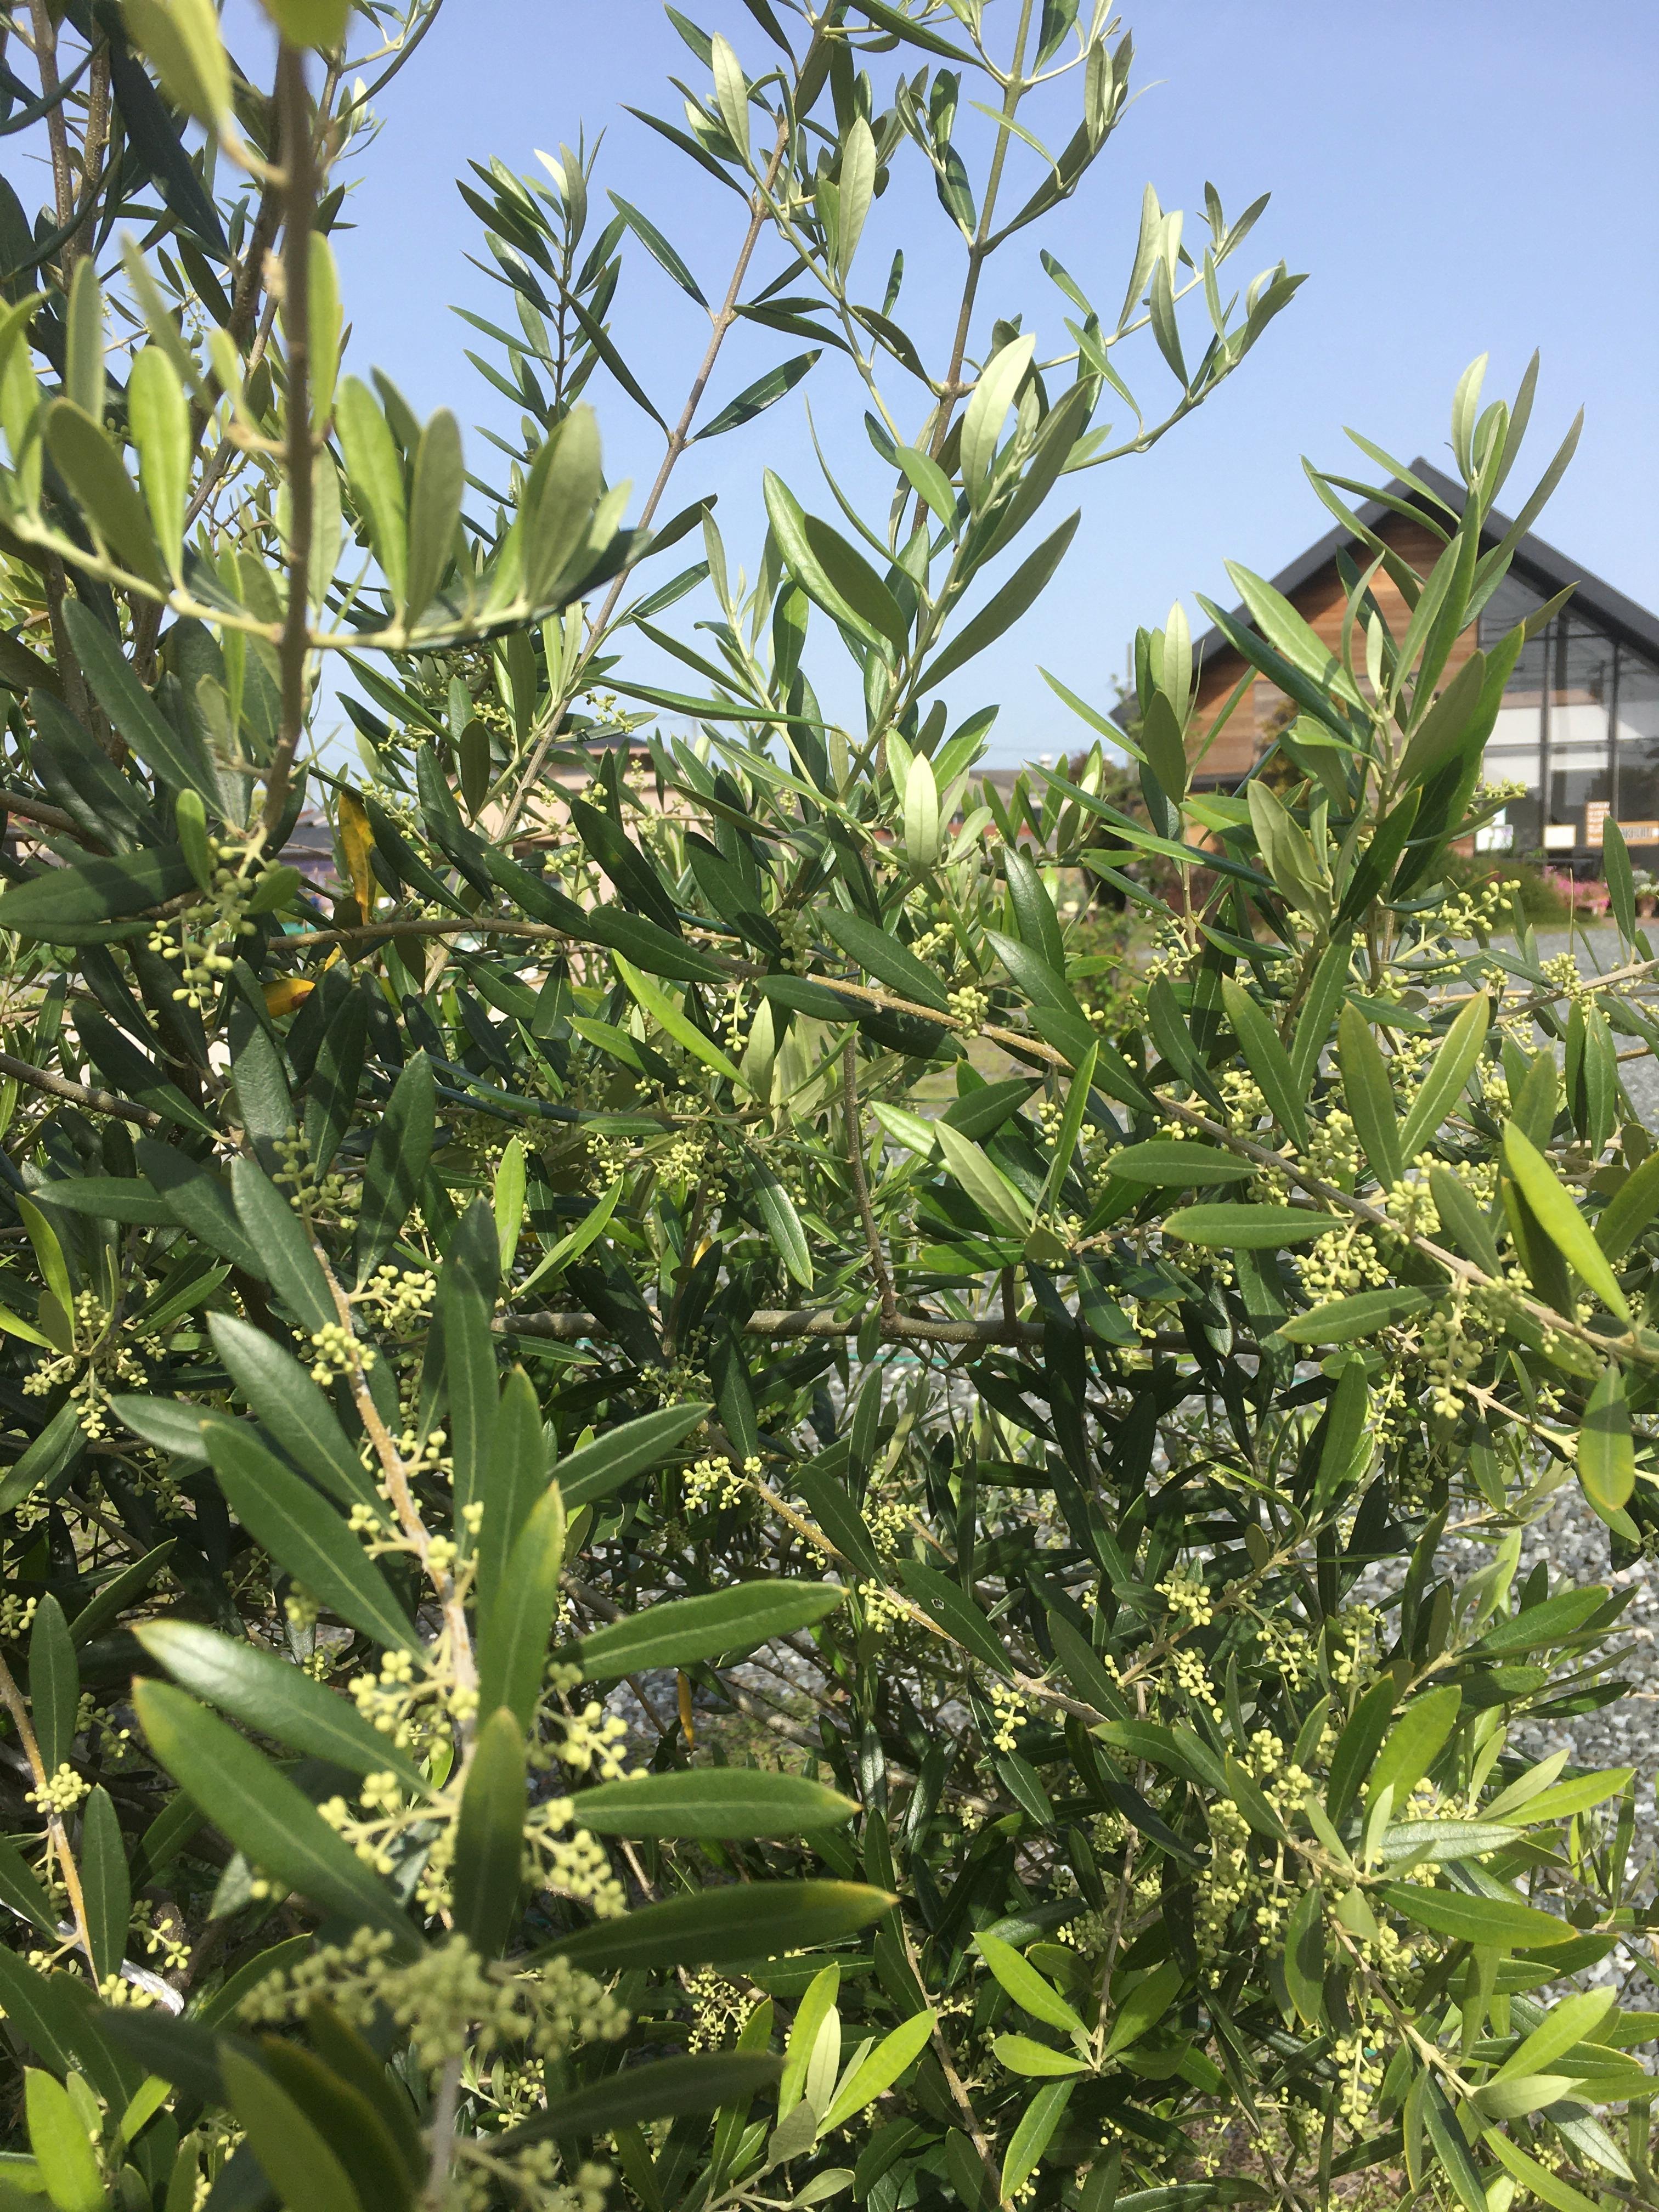 オリーブの木に「つぼみ」がたくさん付いています。